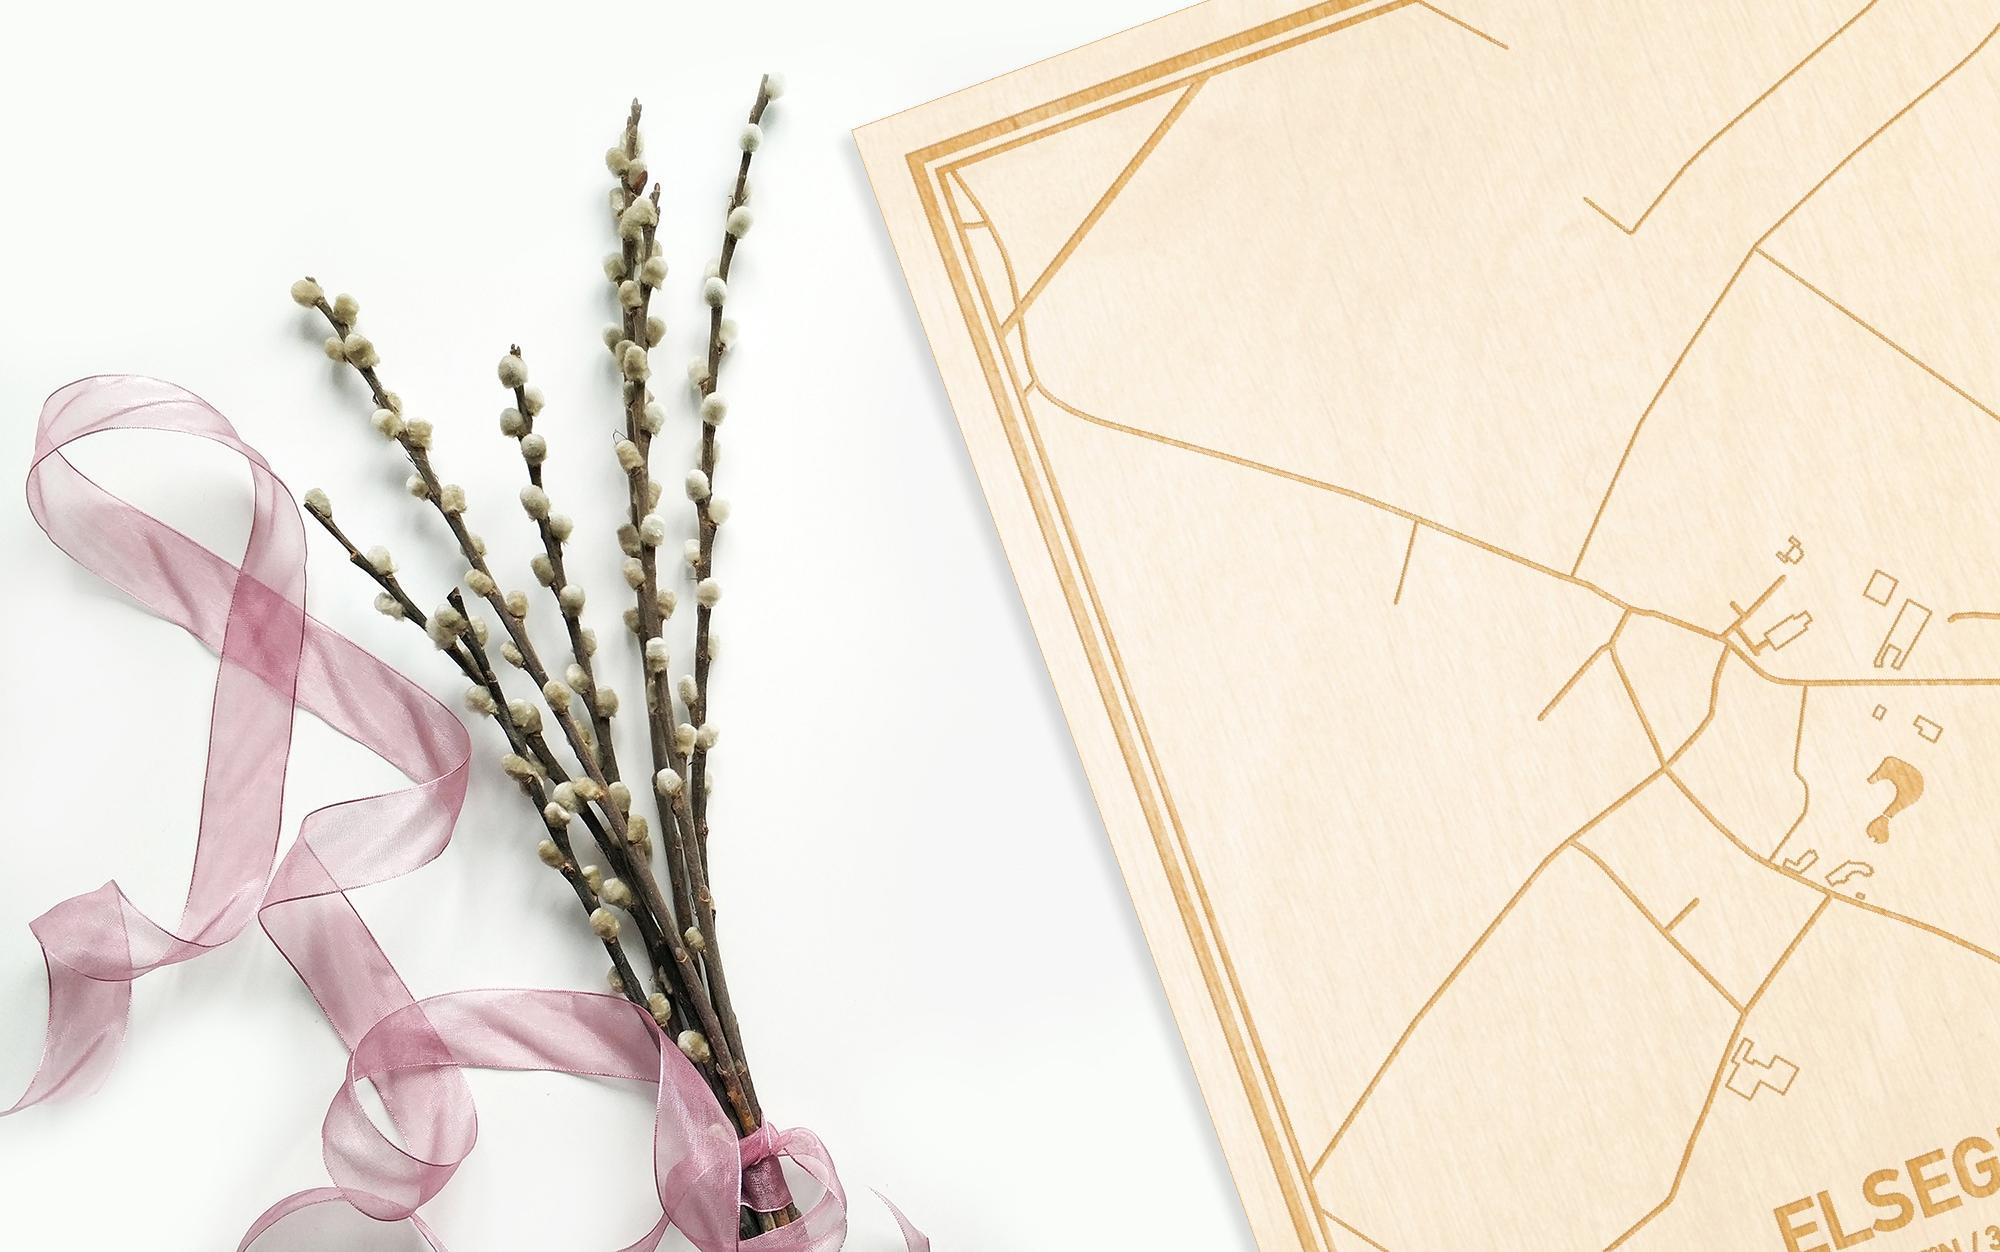 Hier ligt de houten plattegrond Elsegem naast een bloemetje als gepersonaliseerd cadeau voor haar.